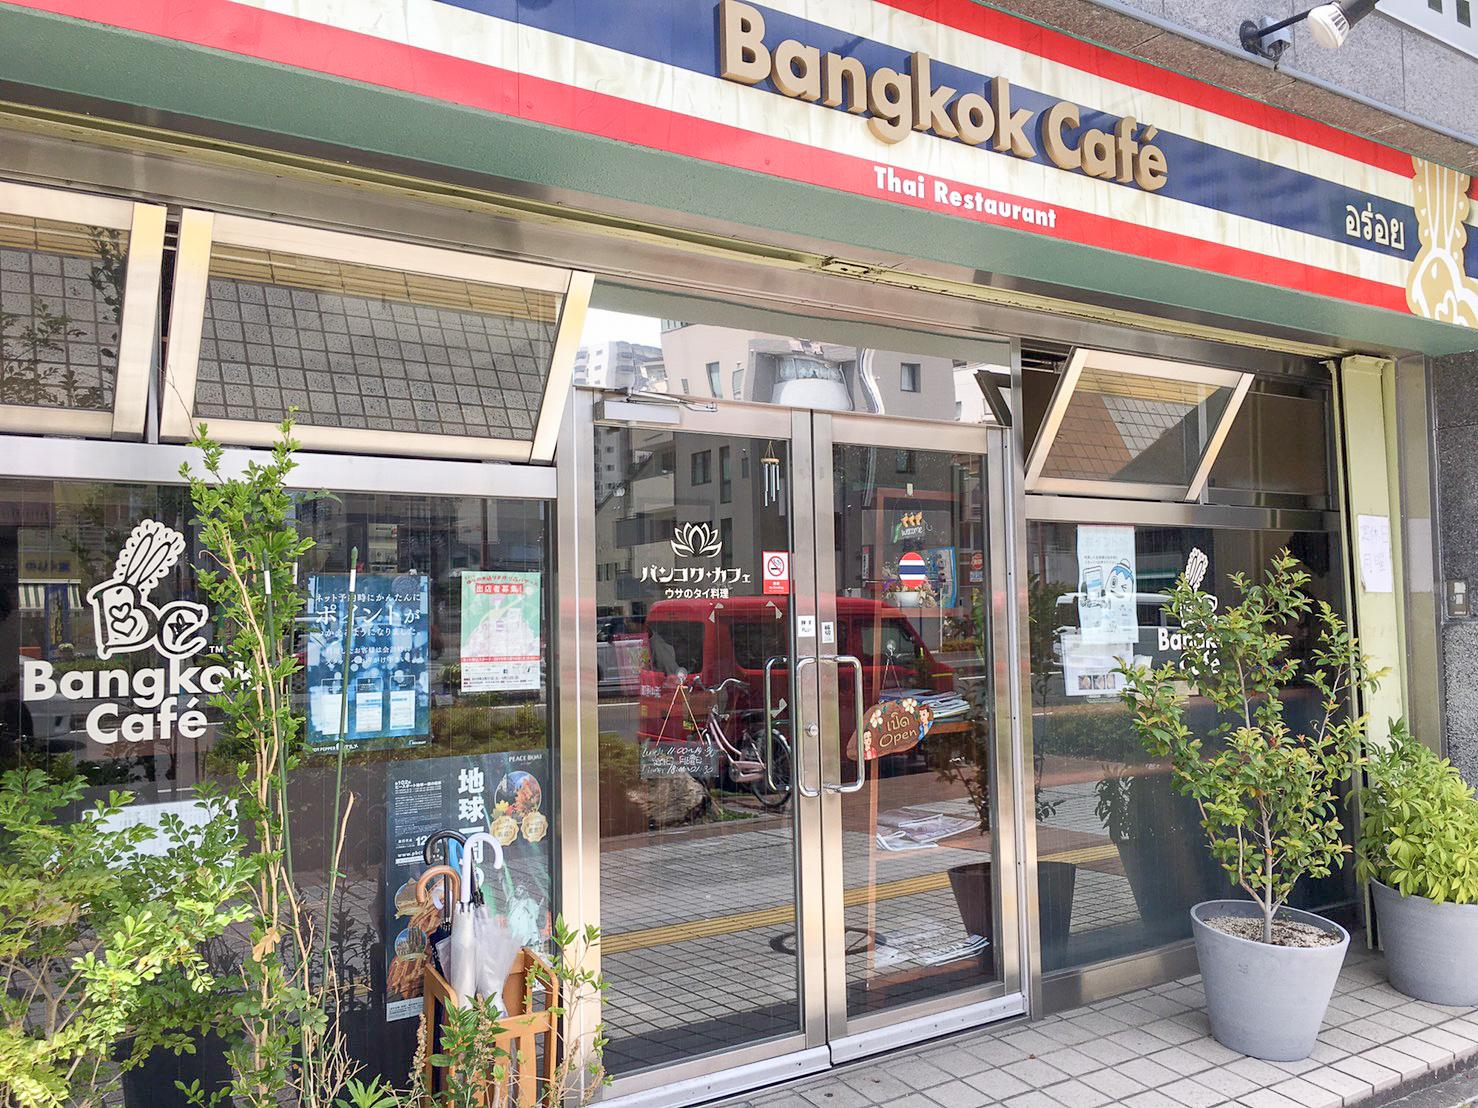 Bangkok Cafe  バンコクカフェ 浜松市